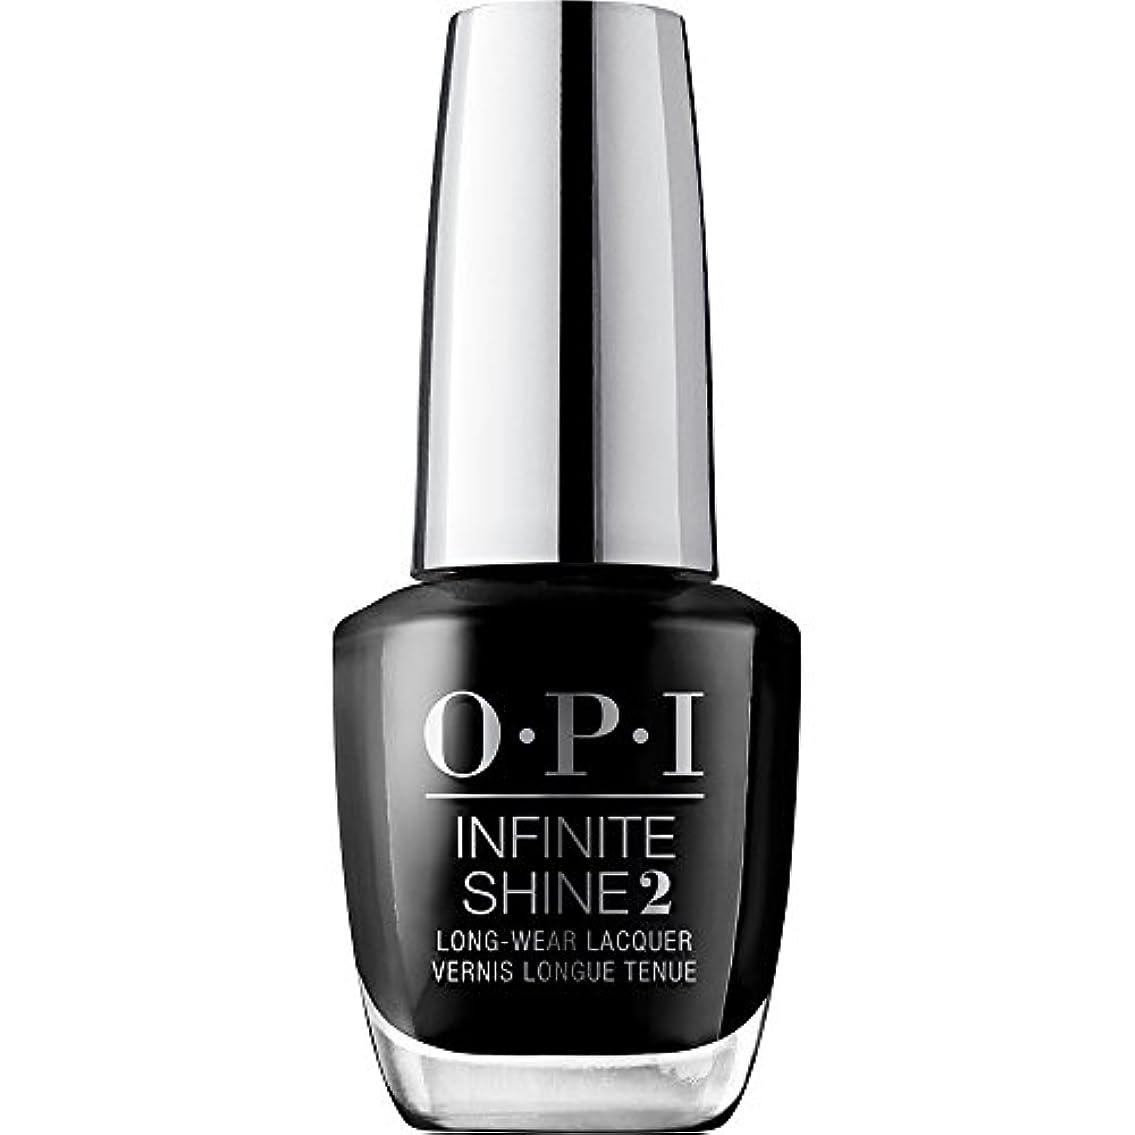 交流する流出貫通OPI(オーピーアイ) インフィニット シャイン ISL T02 ブラック オニキス